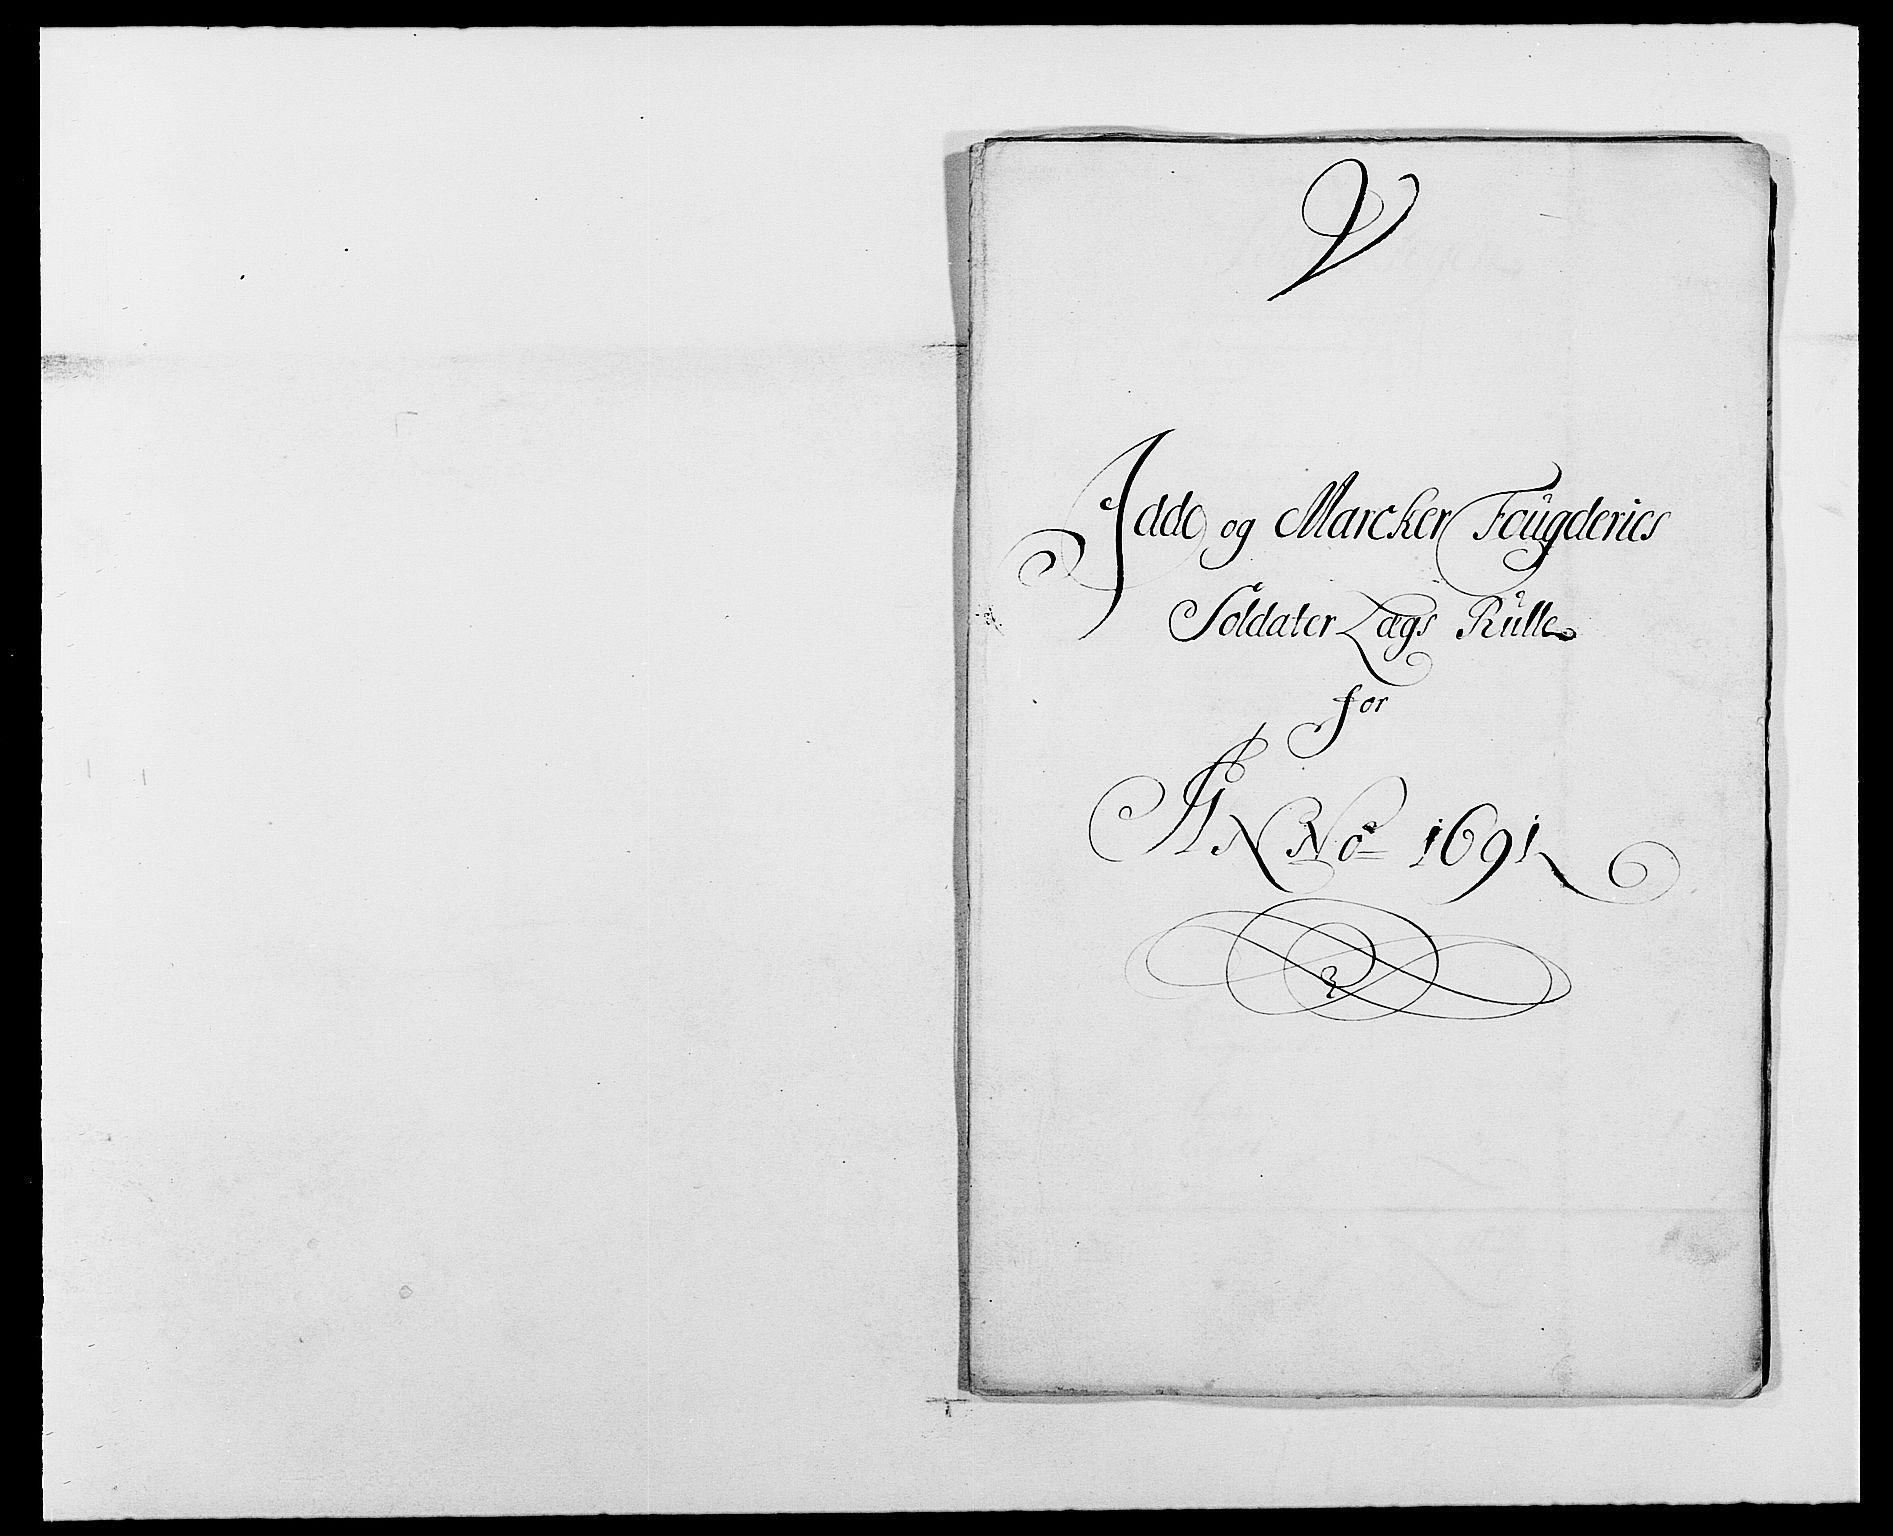 RA, Rentekammeret inntil 1814, Reviderte regnskaper, Fogderegnskap, R01/L0010: Fogderegnskap Idd og Marker, 1690-1691, s. 378